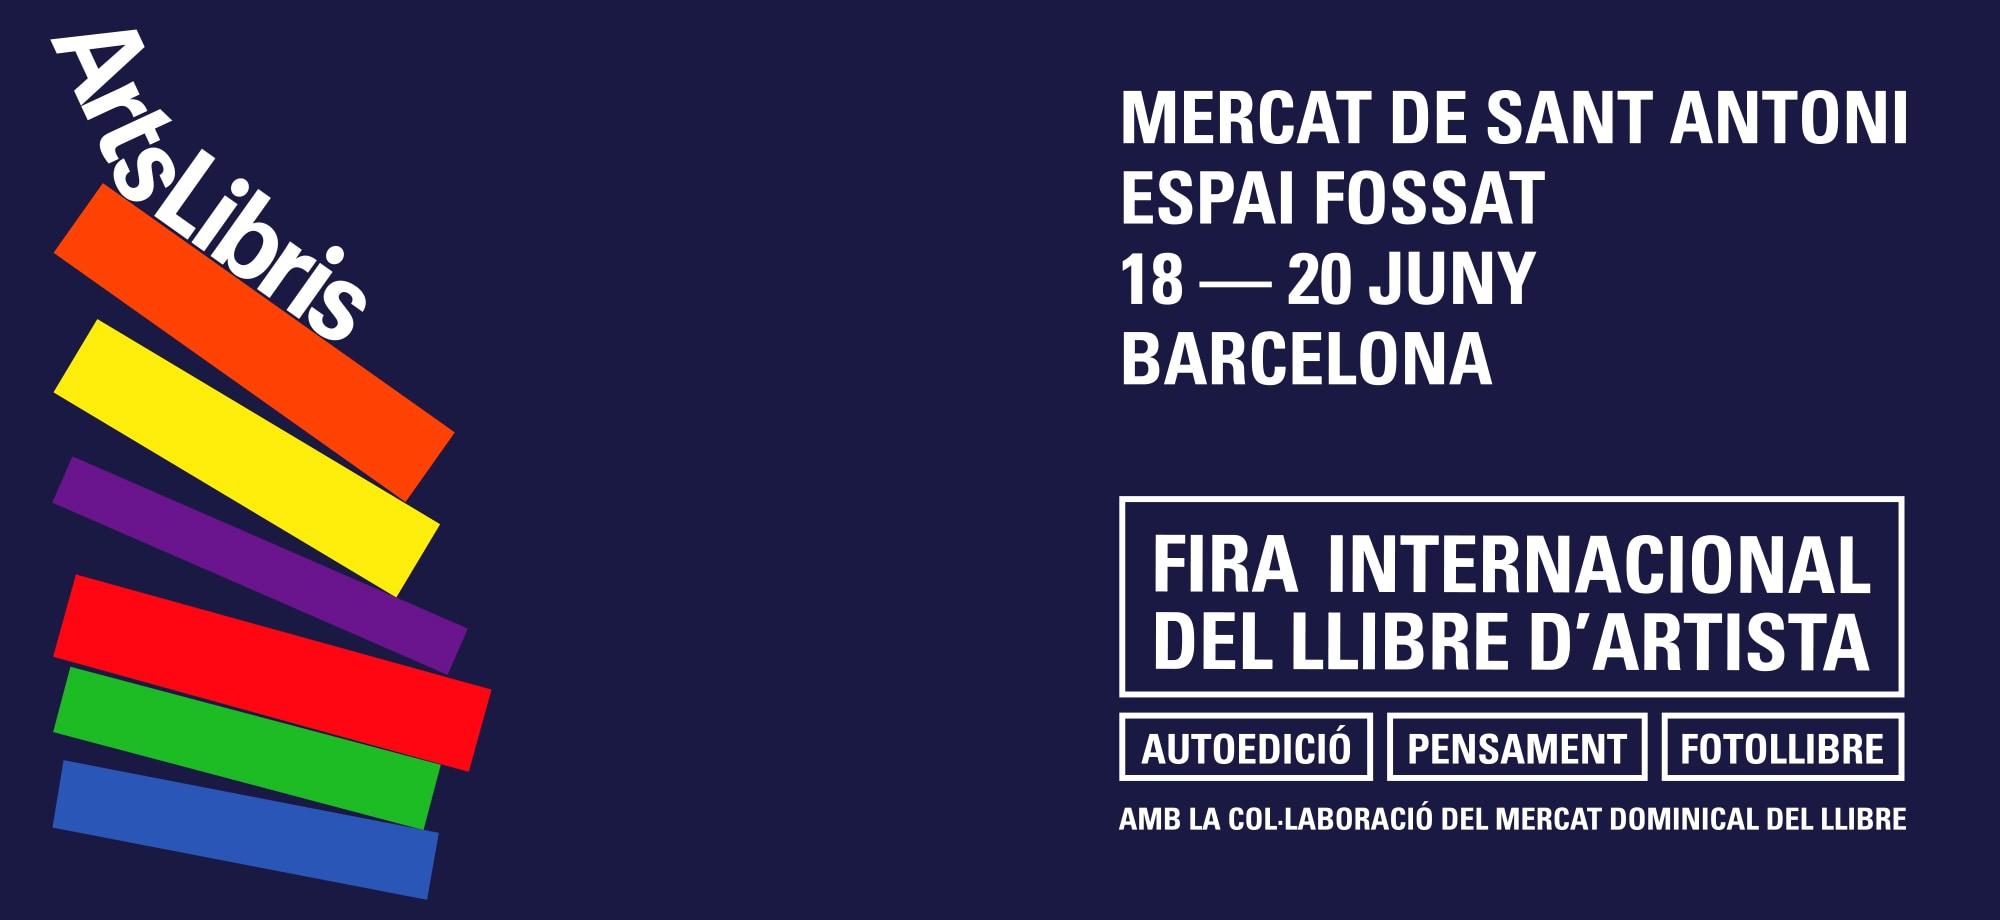 Artslibris Barcelona 2021 - ArtsLibris